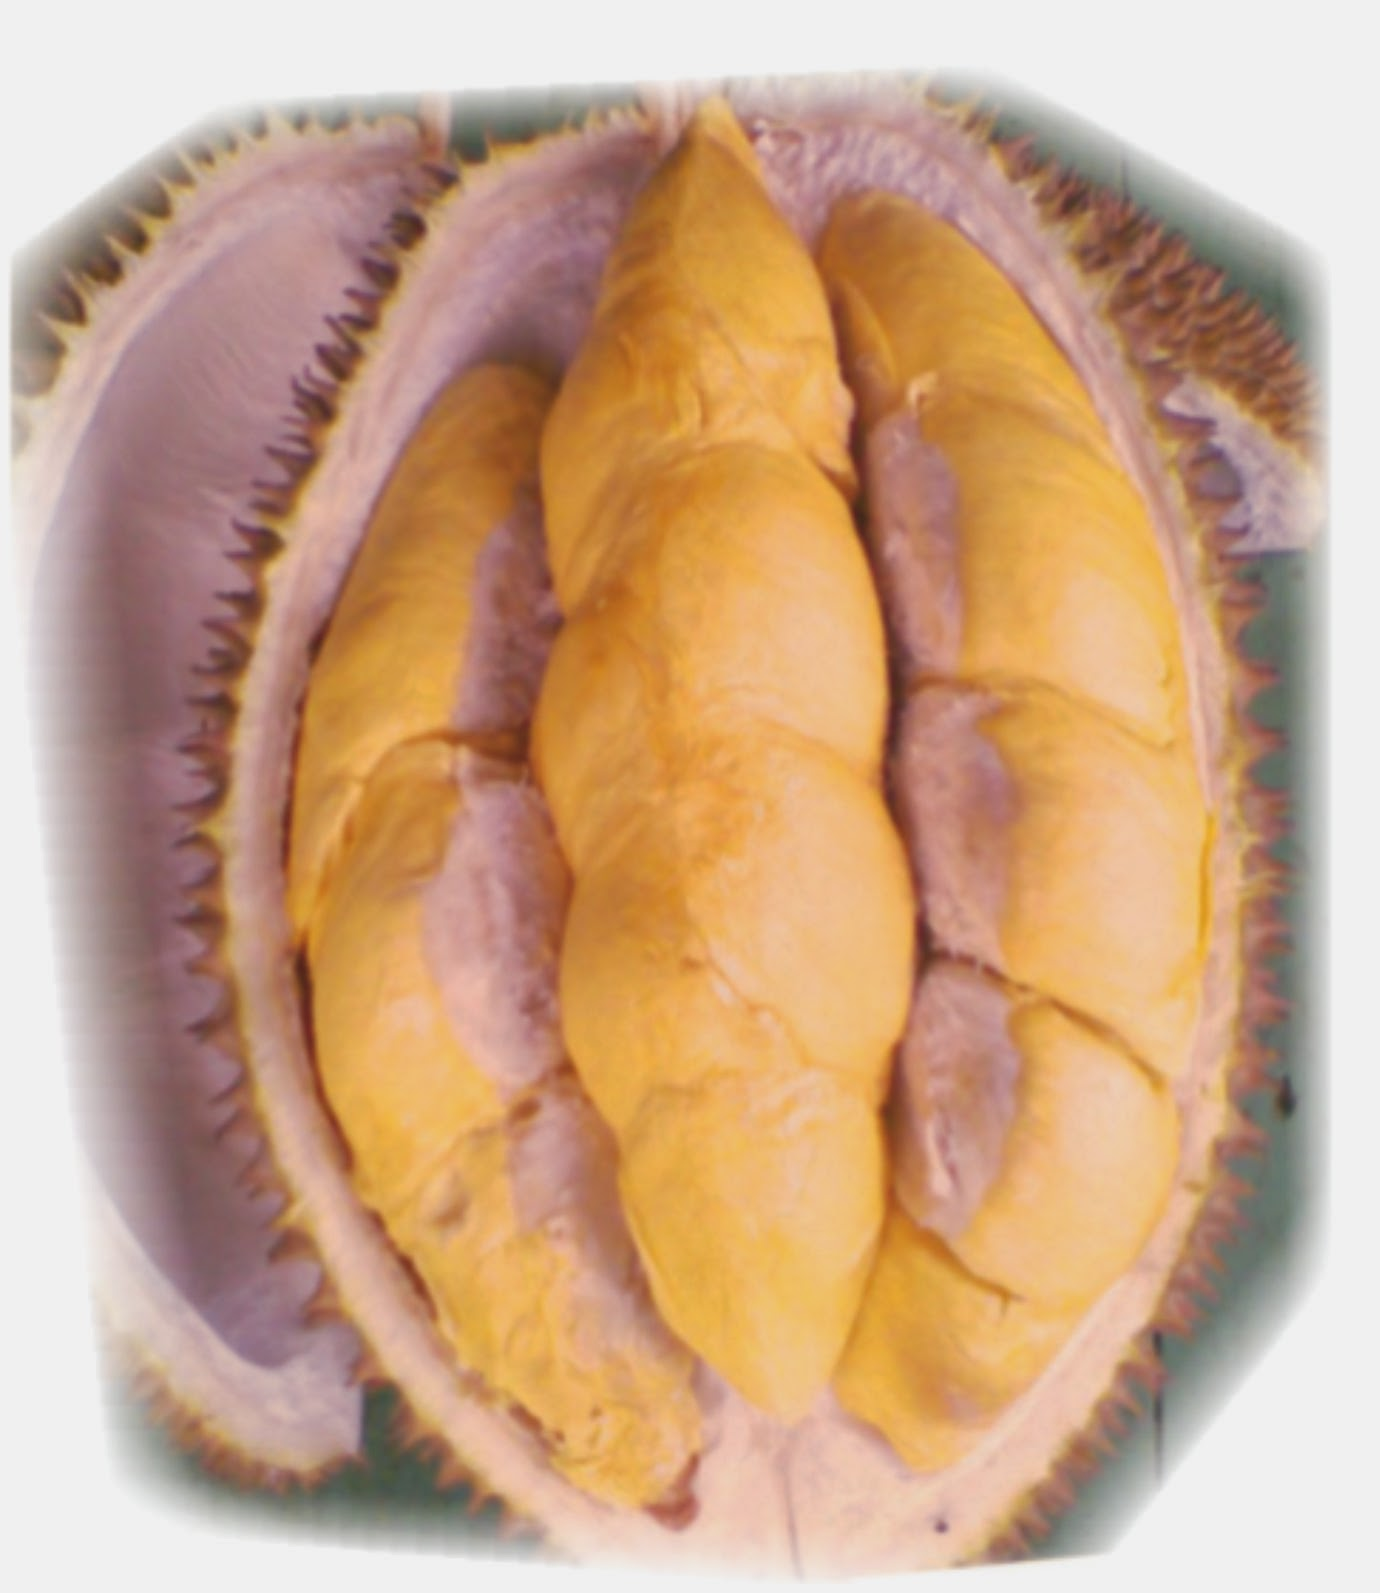 Warna dan Bentuk Daging Buah Durian Menoreh Kuning